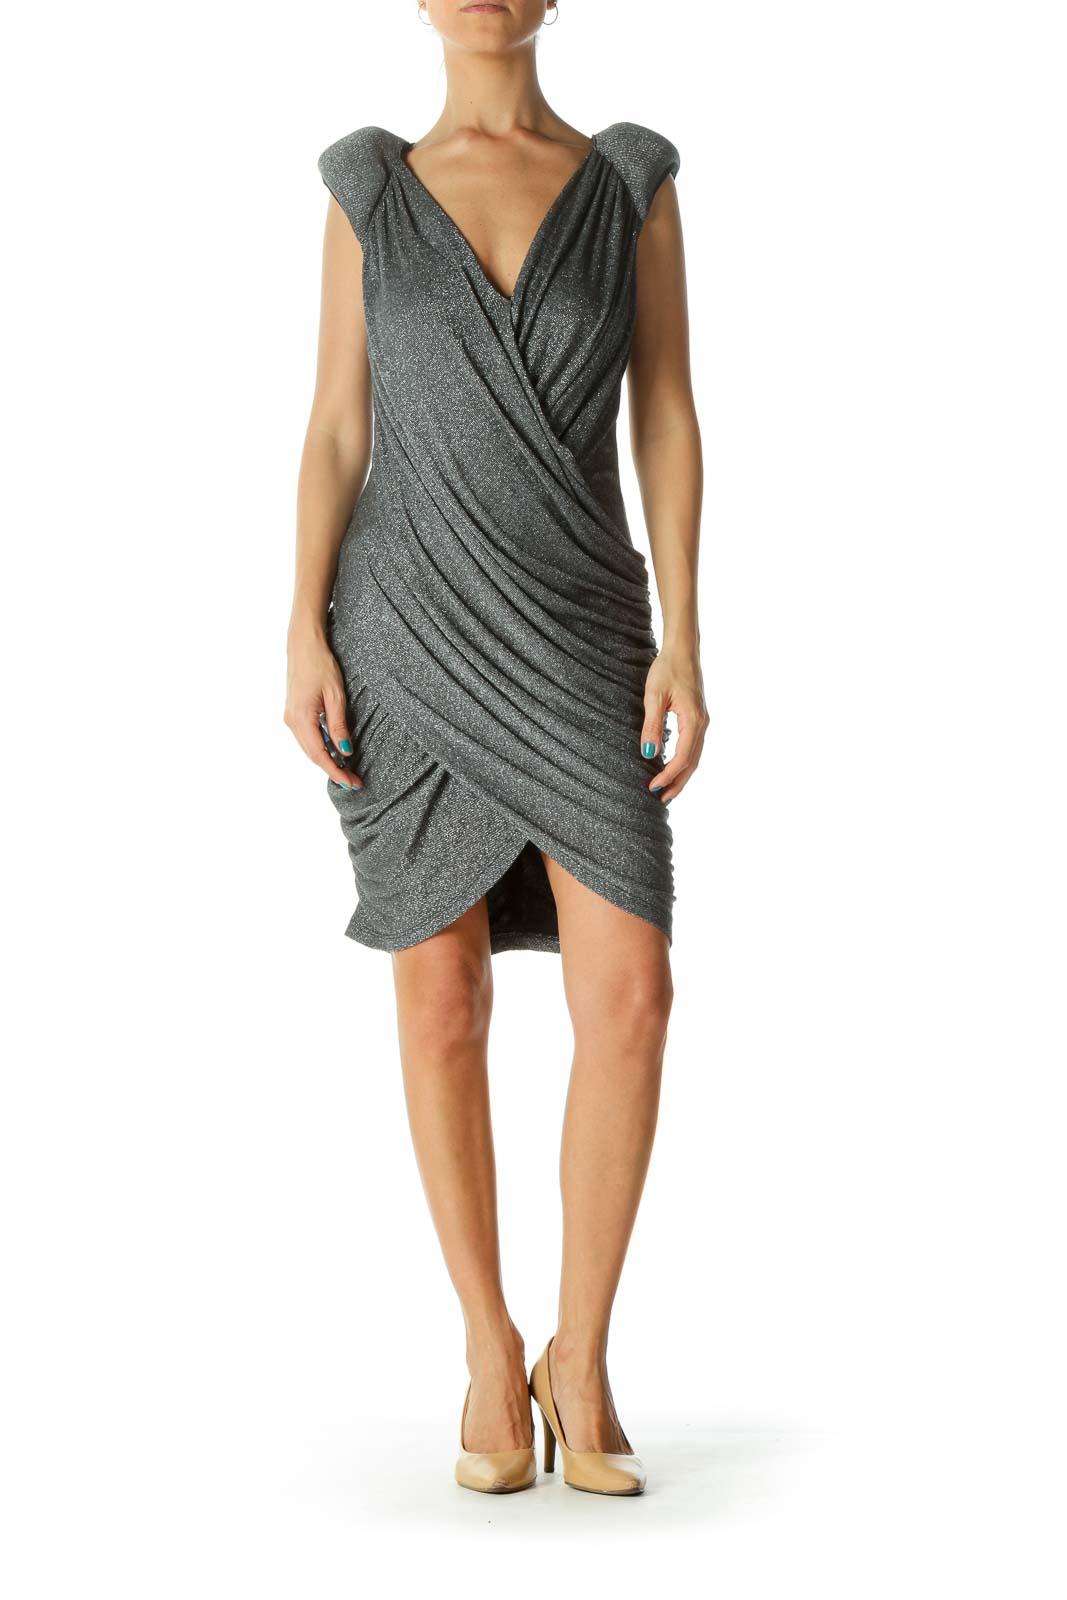 Silver Black Scrunched V-Neck Dress